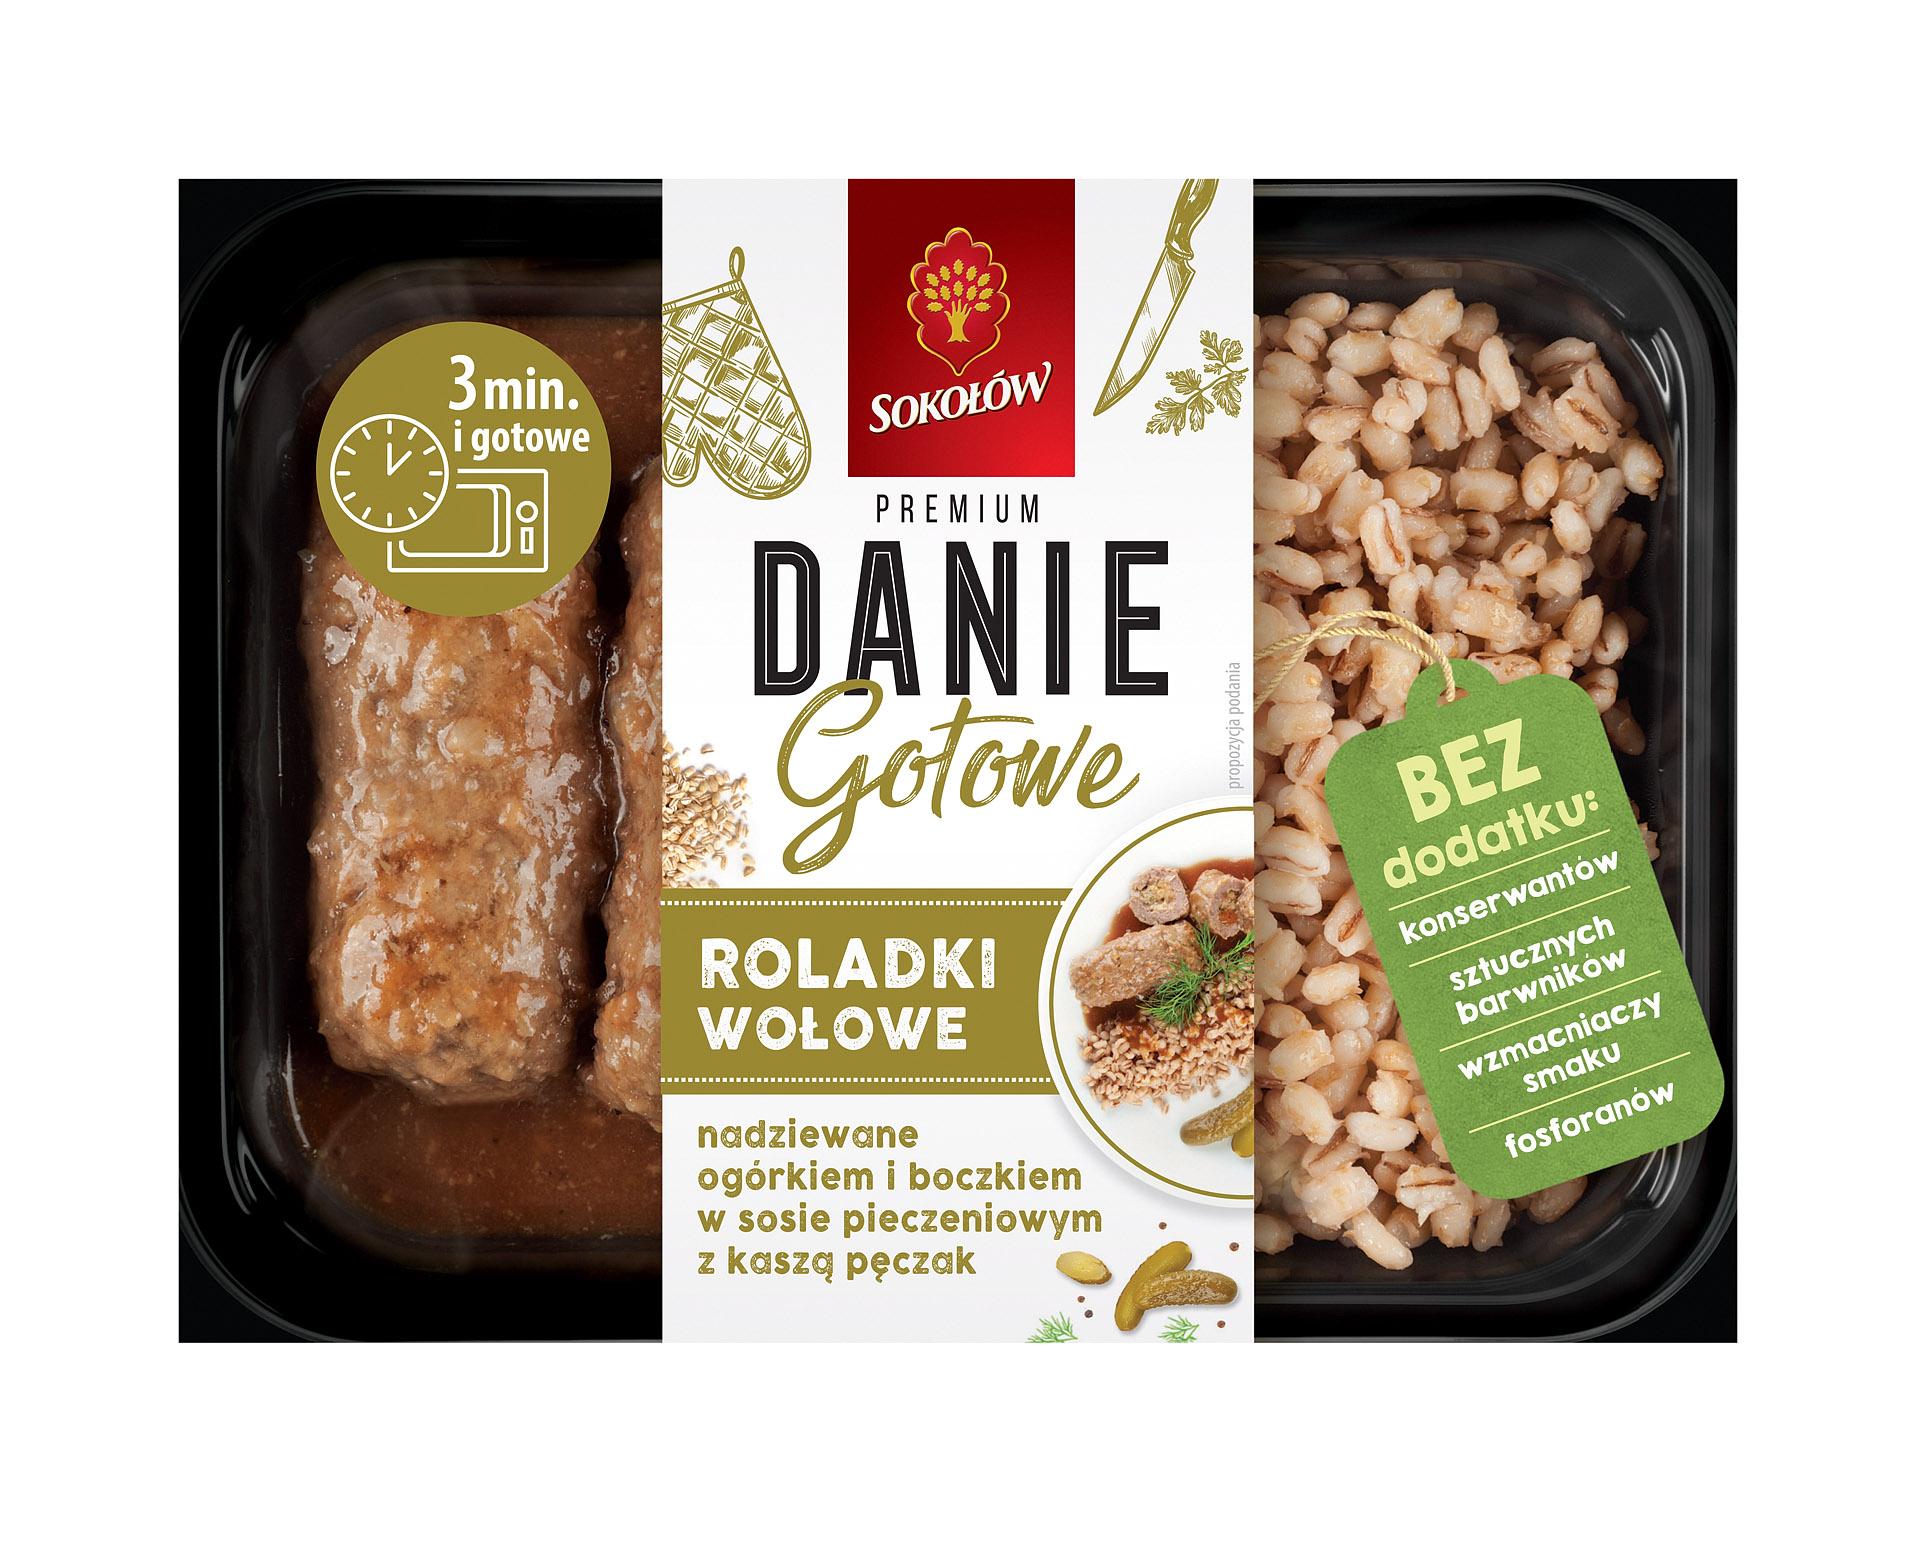 Sokołów Danie Gotowe Roladki wołowe nadziewane ogórkiem i boczkiem w sosie z kaszą pęczak